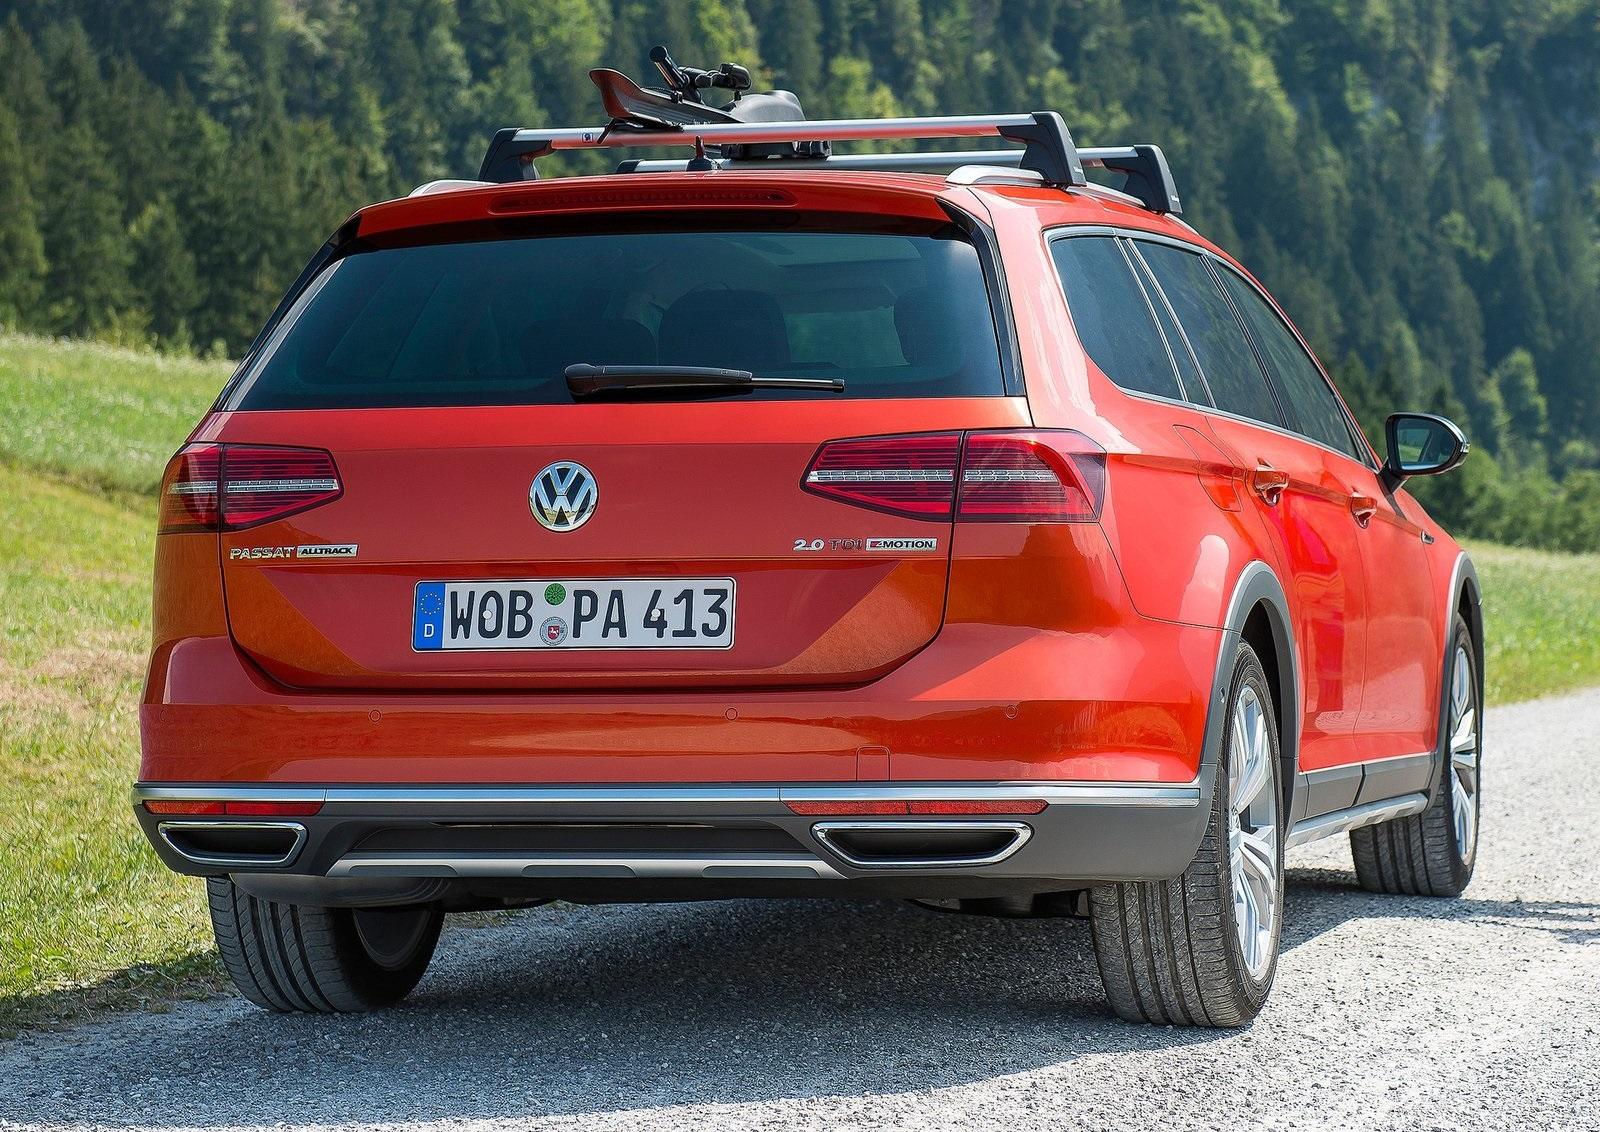 2016 Volkswagen Passat Alltrack Rear Exterior (View 4 of 18)